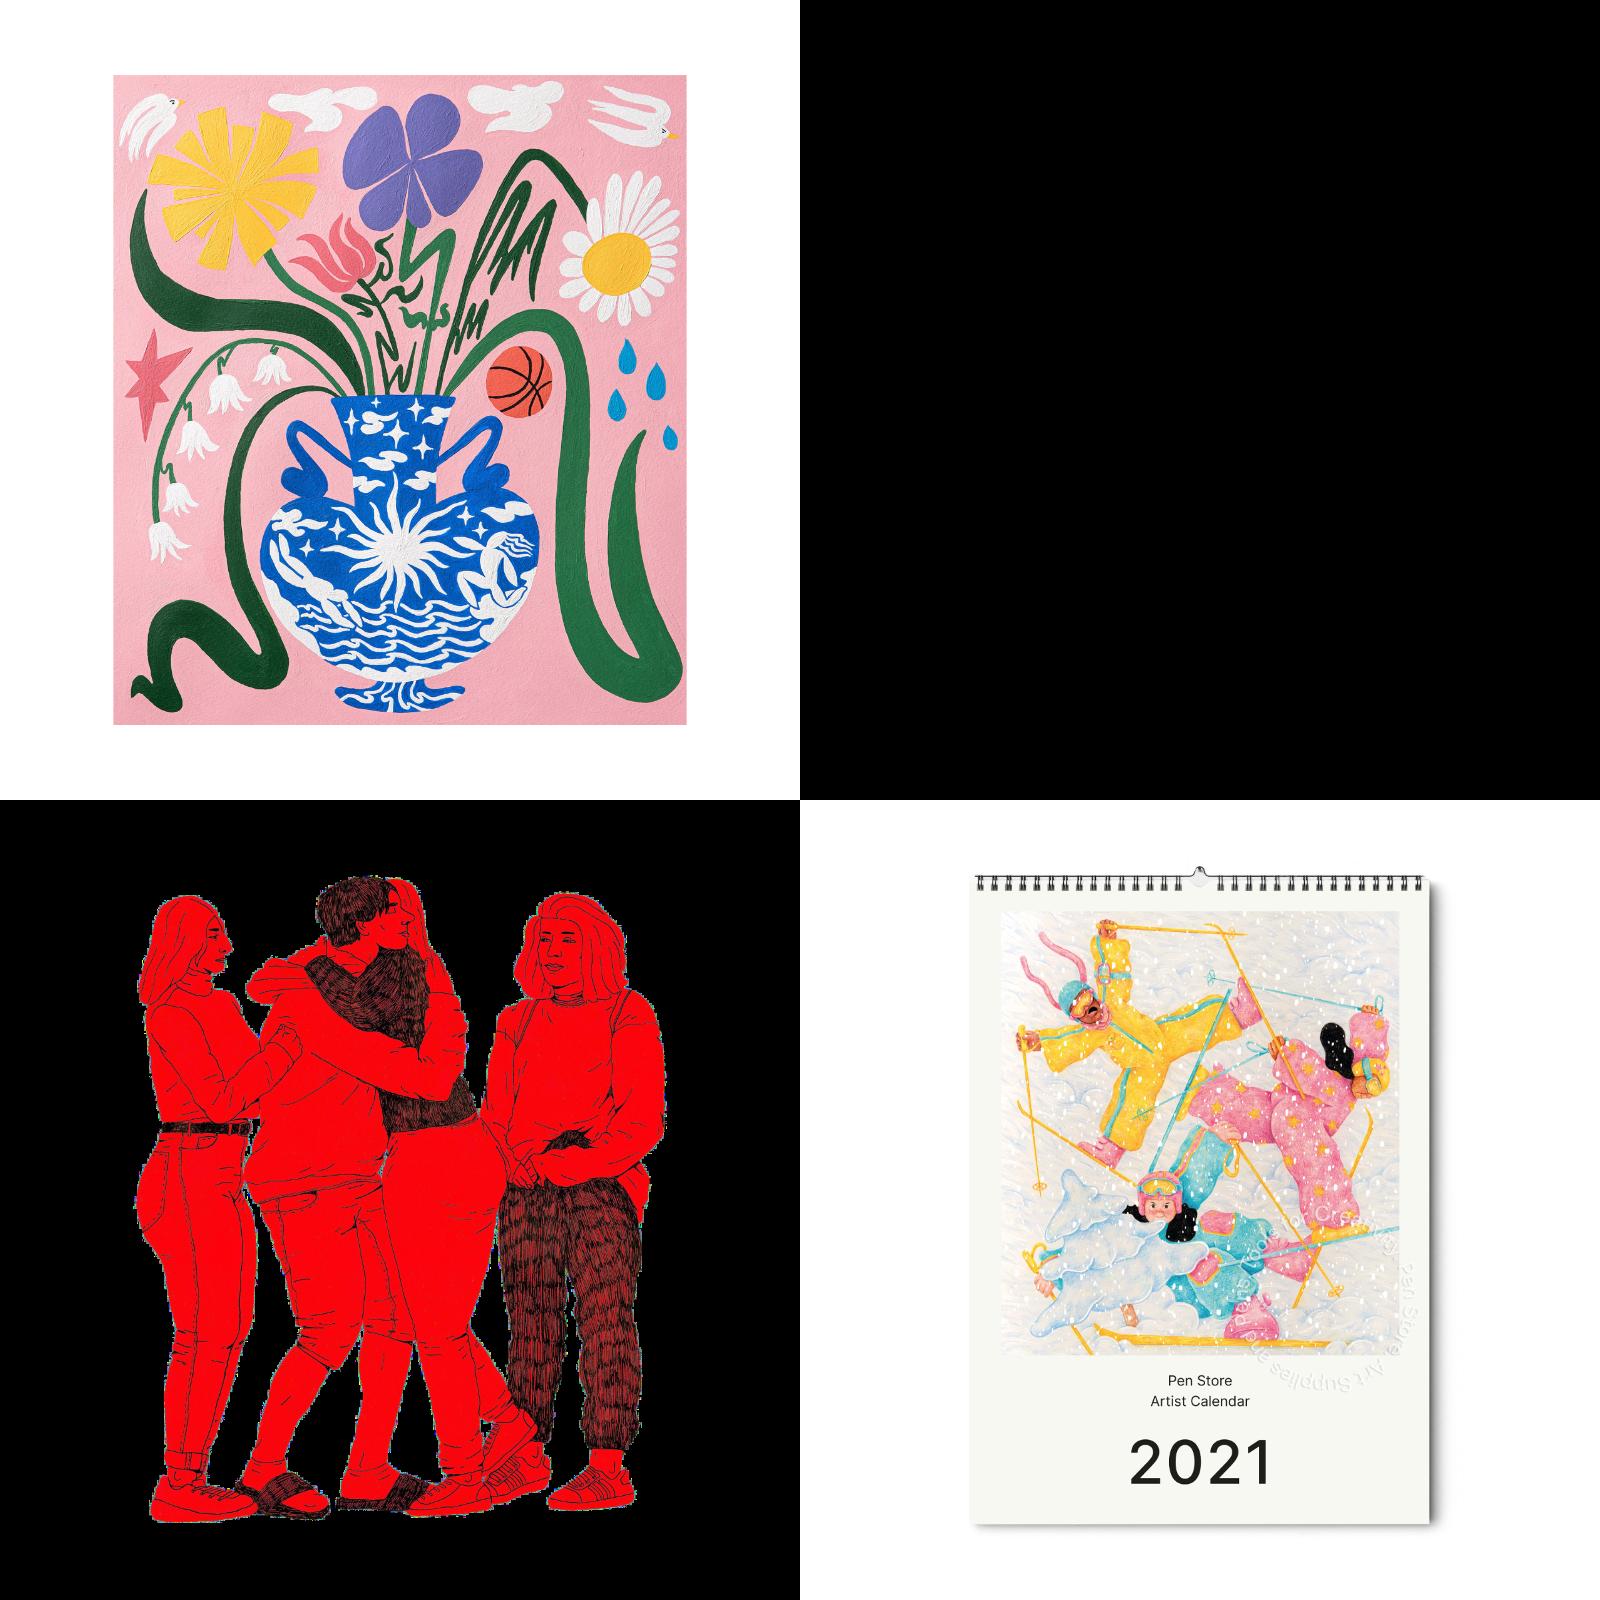 Varje illustration är unik och skapad för Pen Stores kalender 2021. Uppe till vänster; Manne Jalilian för juni, nere till vänster; Johan Lindstrom för juli och mockup av kalendern med omslag av Anna Pers Bräcke.